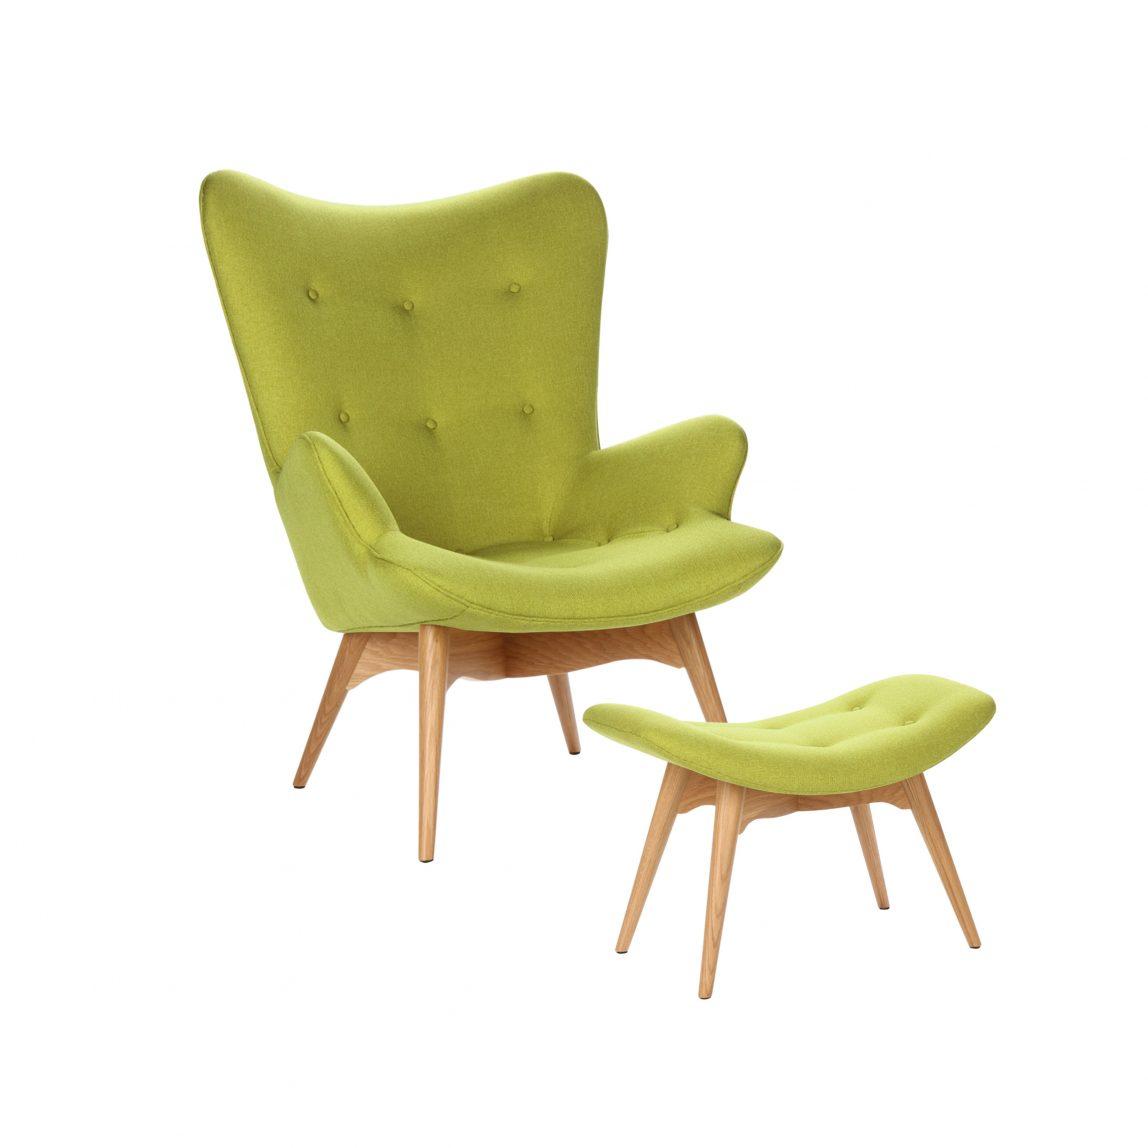 Дизайнерское кресло Contour зеленое с банкеткой, интерьерное скандинавское Контур в гостиную, Грант Фезерстоун